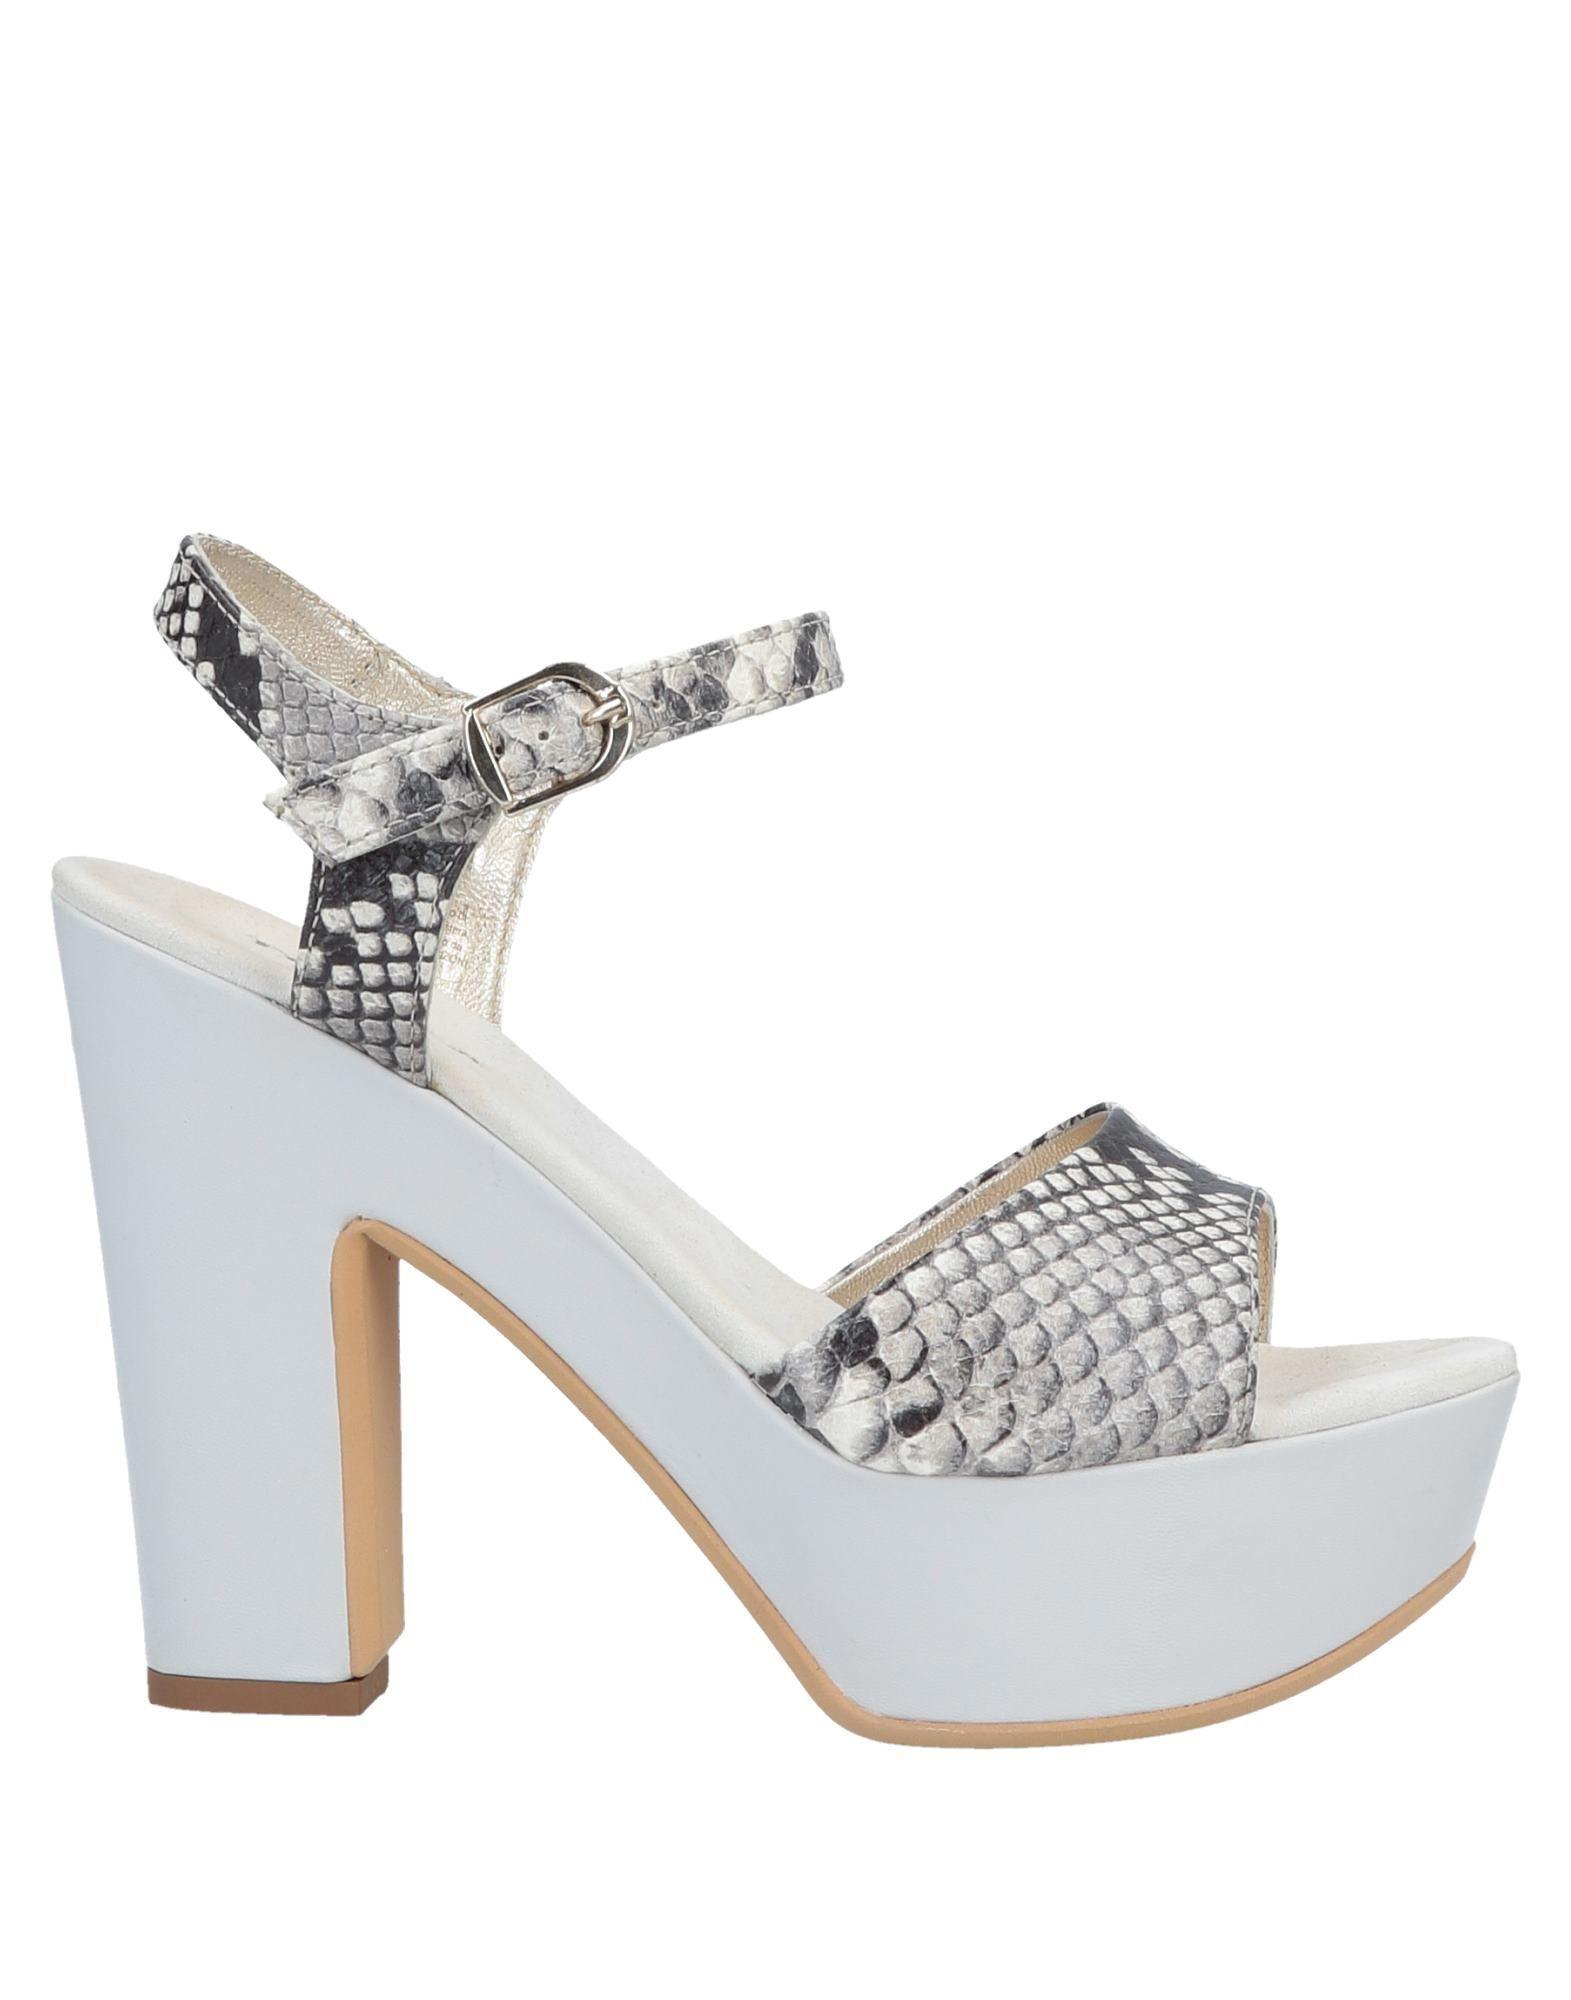 40902e6e0 ... 682f3f775732 Lyst - Tosca Blu Sandals in Natural ...